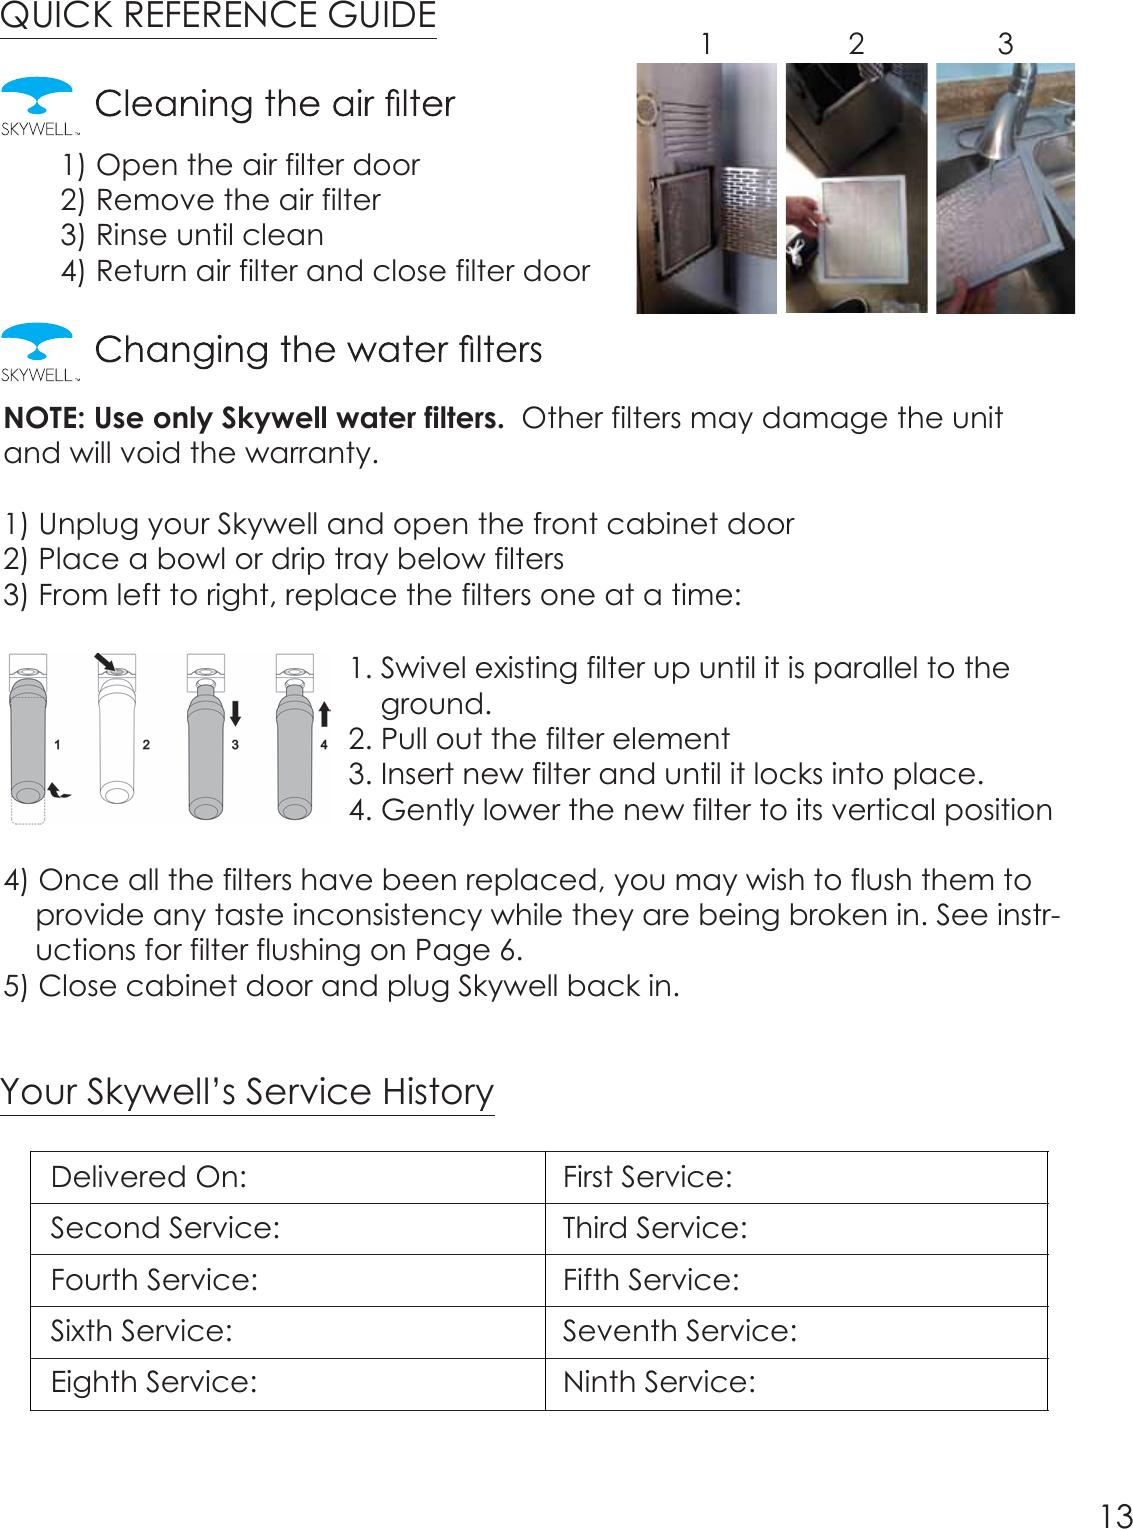 polar water cooler instruction manual